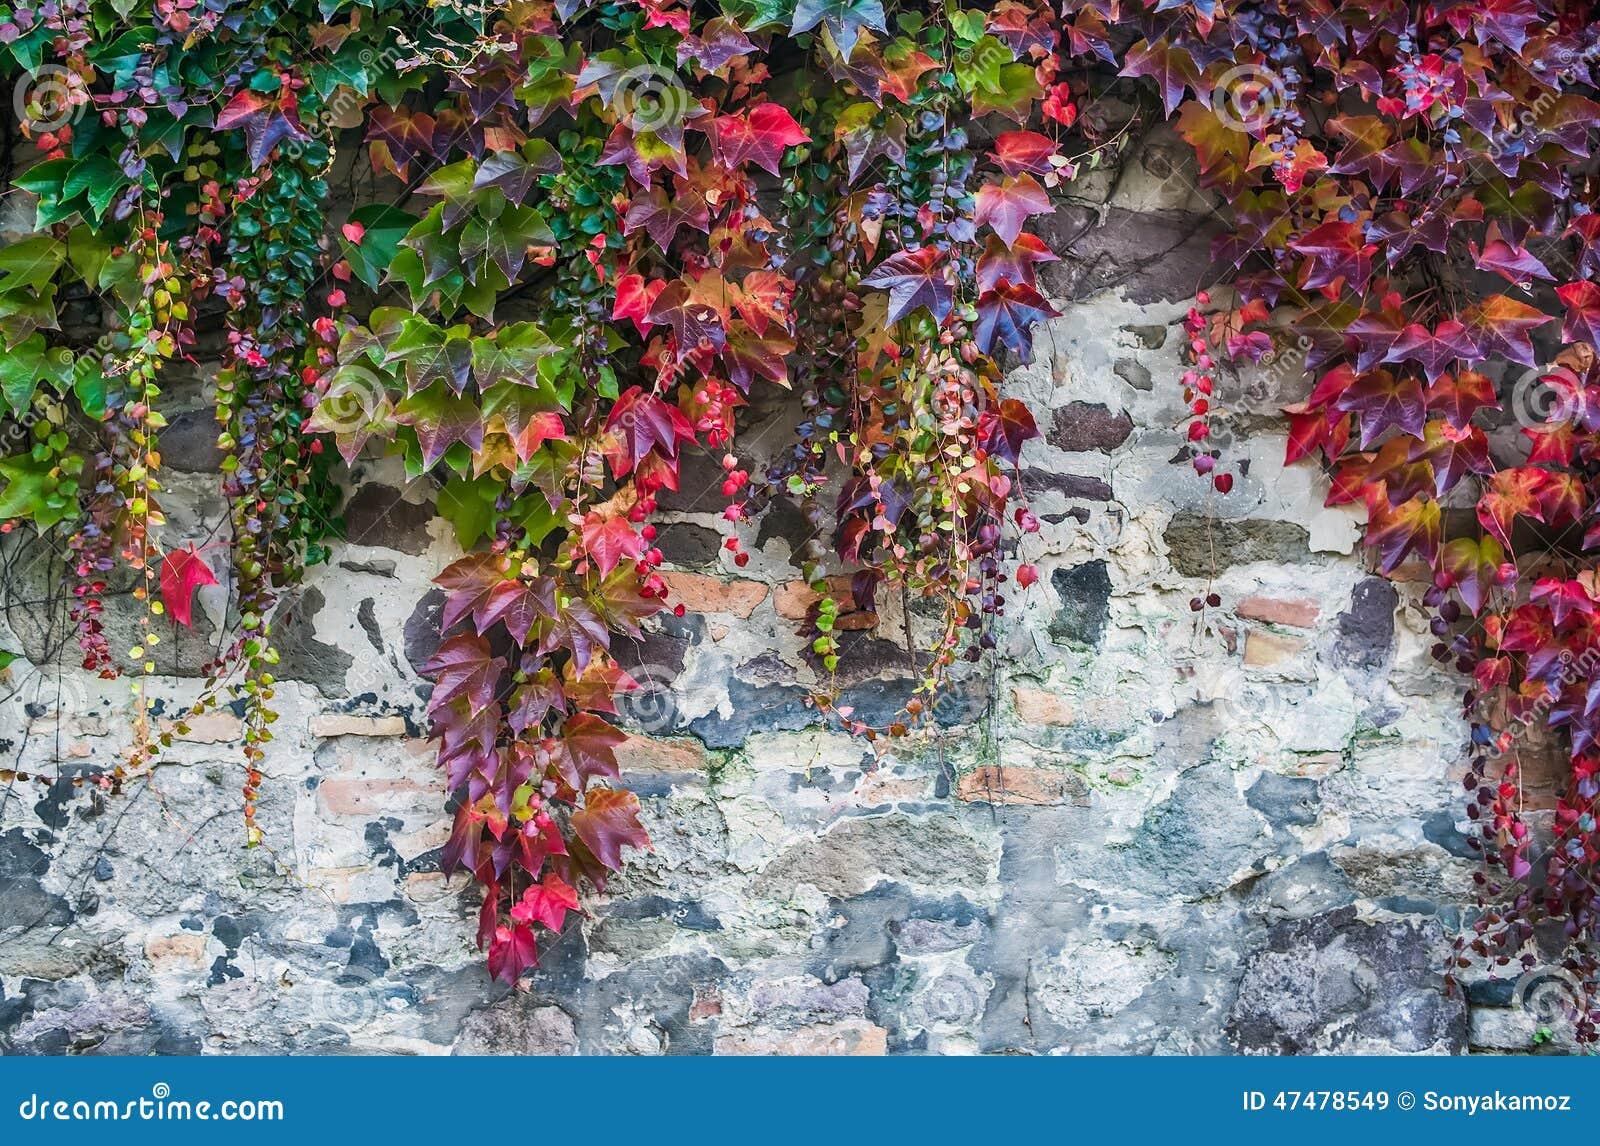 plantes grimpantes sur mur plantes grimpantes sur mur dr treillis en bois mur en pierre. Black Bedroom Furniture Sets. Home Design Ideas